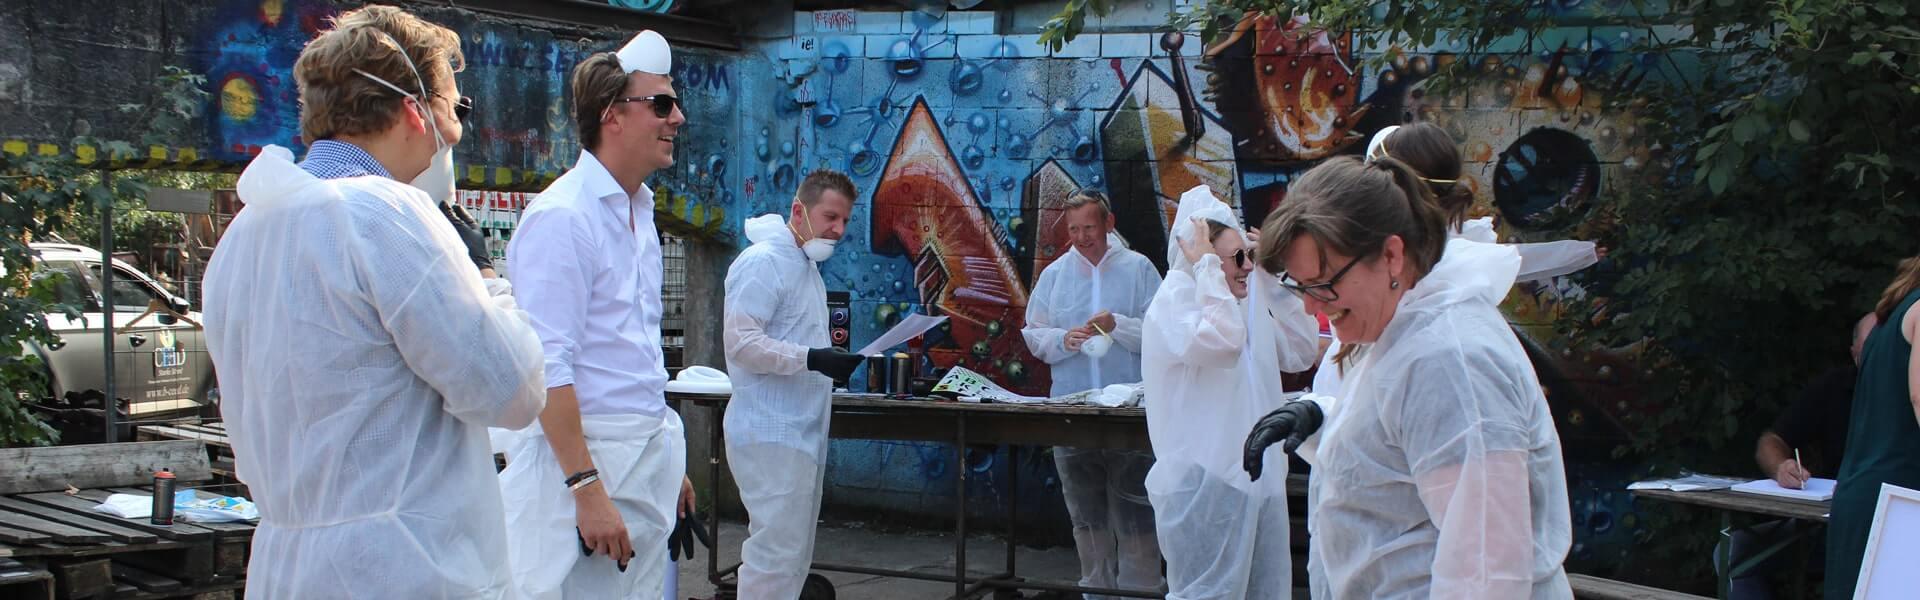 Graffiti Workshop als Teambuilding Event Idee mit b-ceed